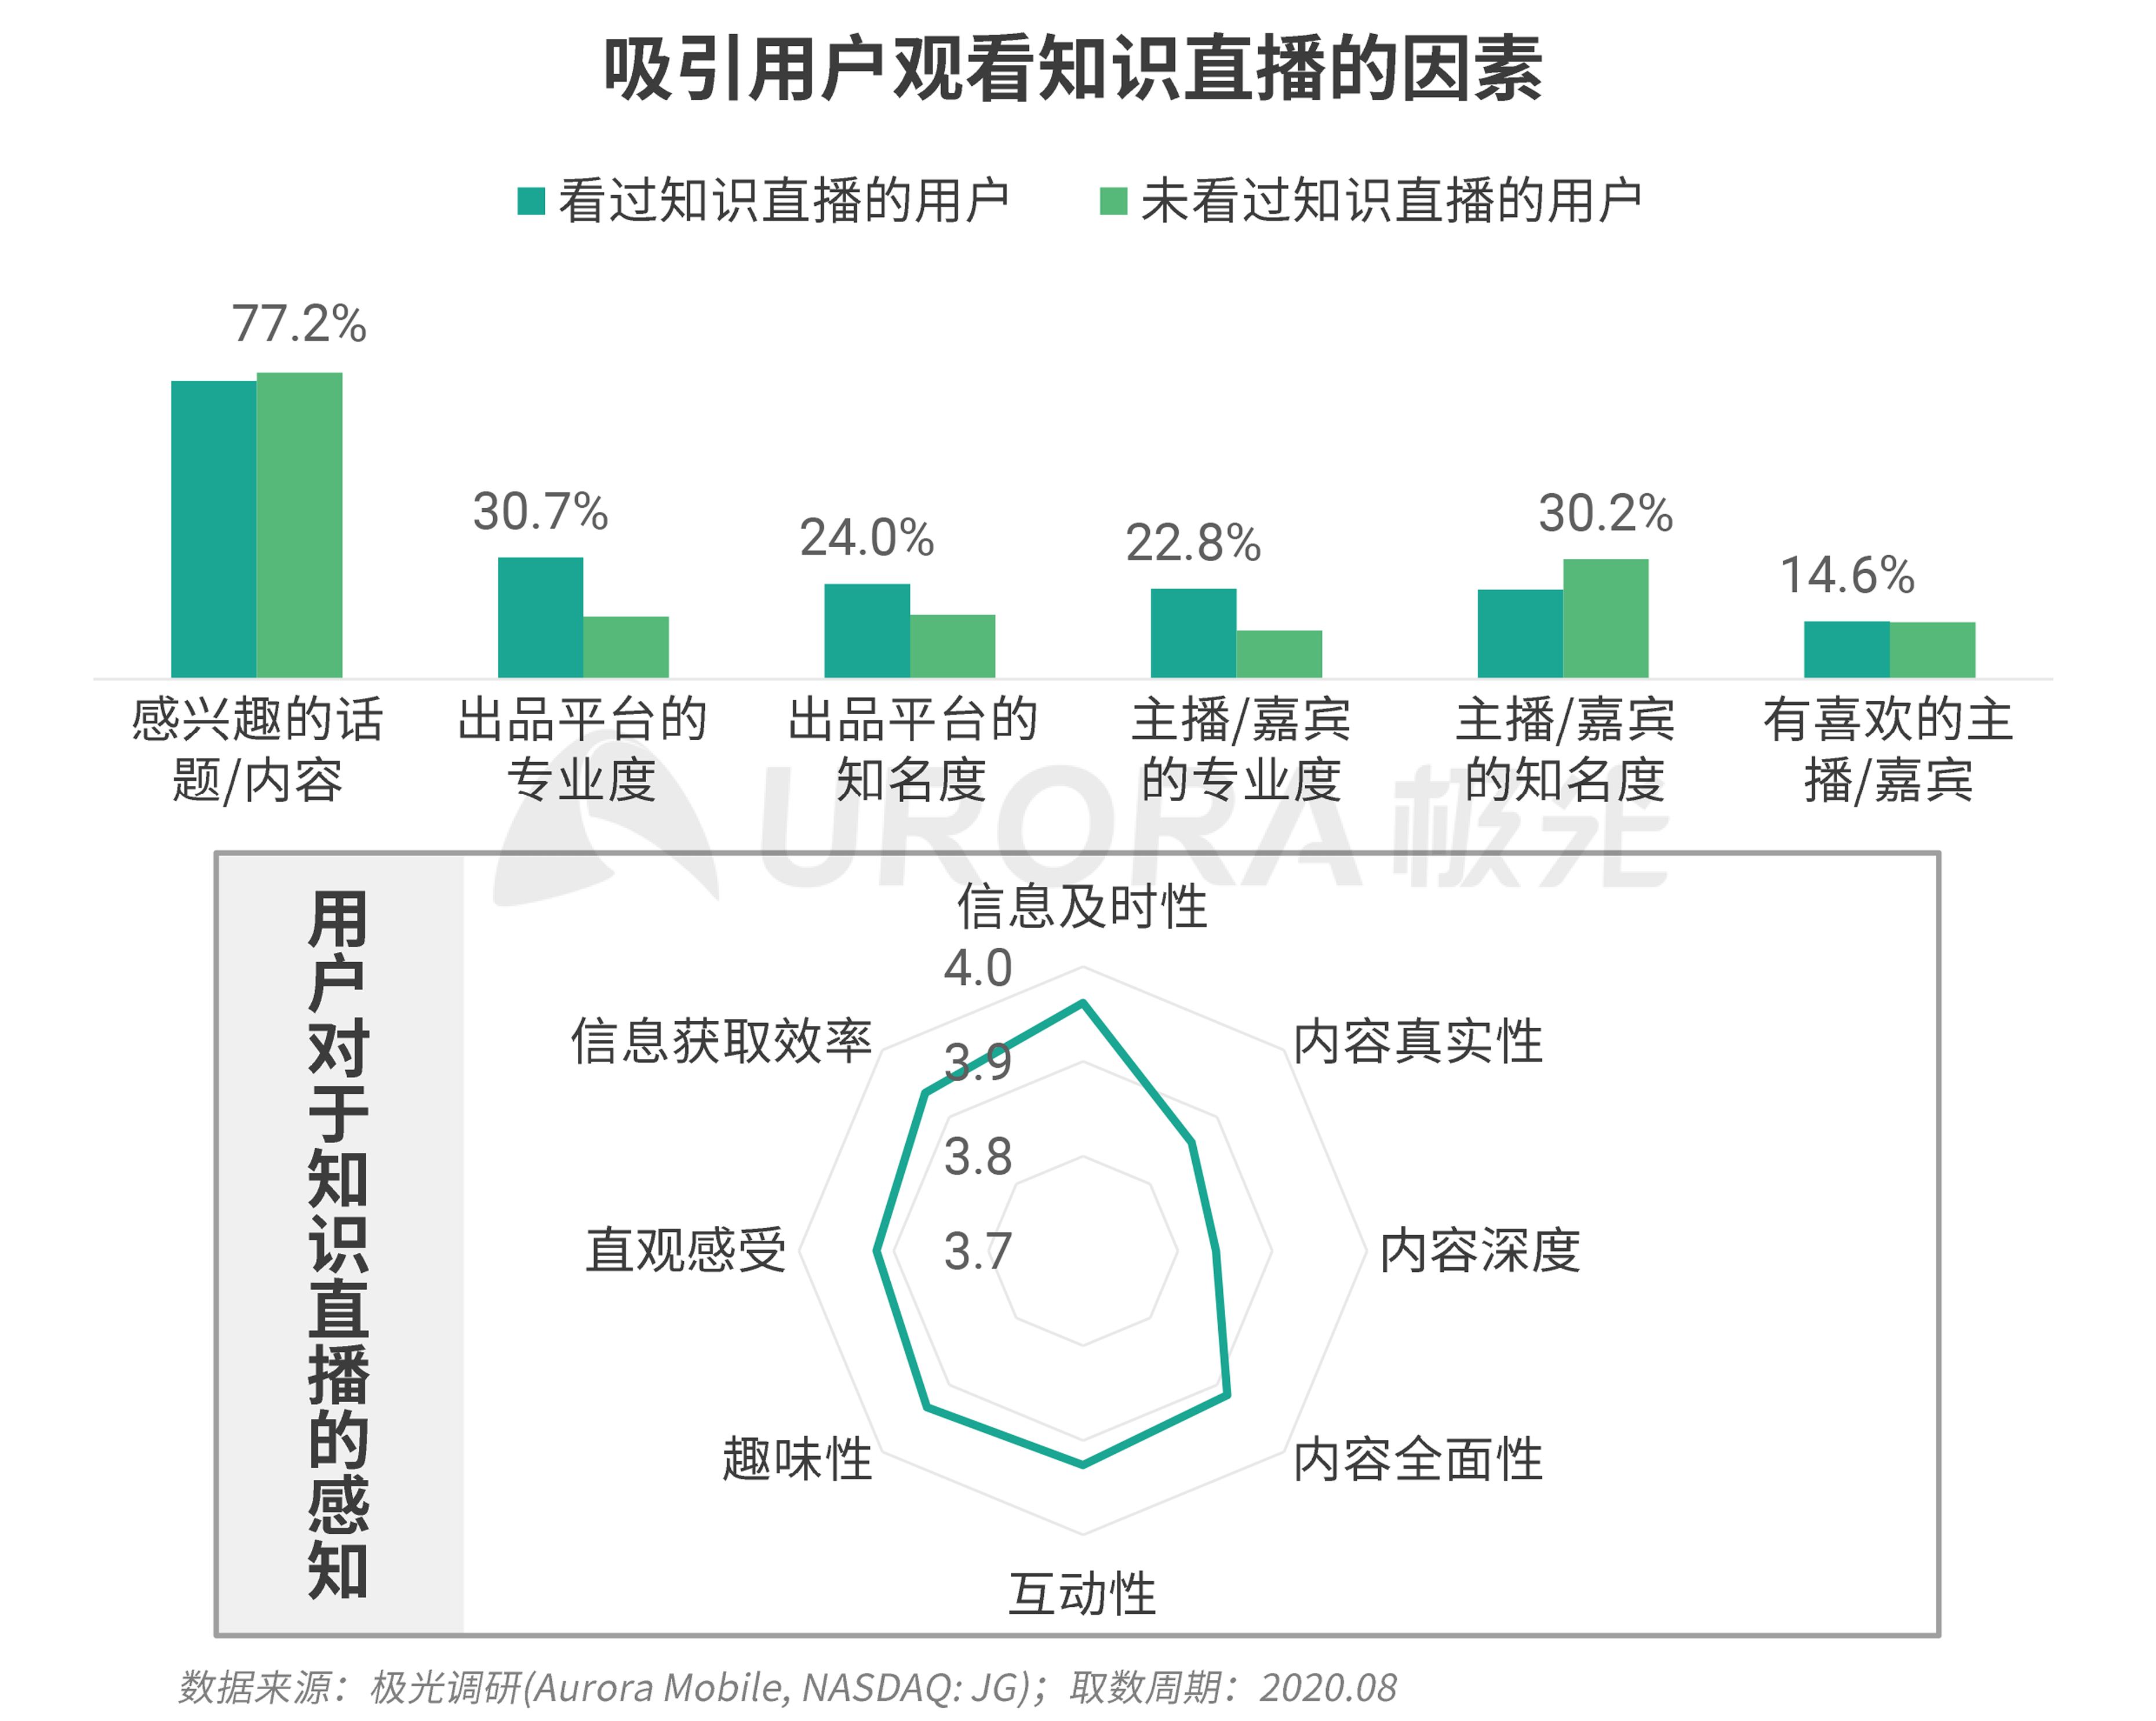 极光:新资讯行业系列报告--内容篇 (21).png